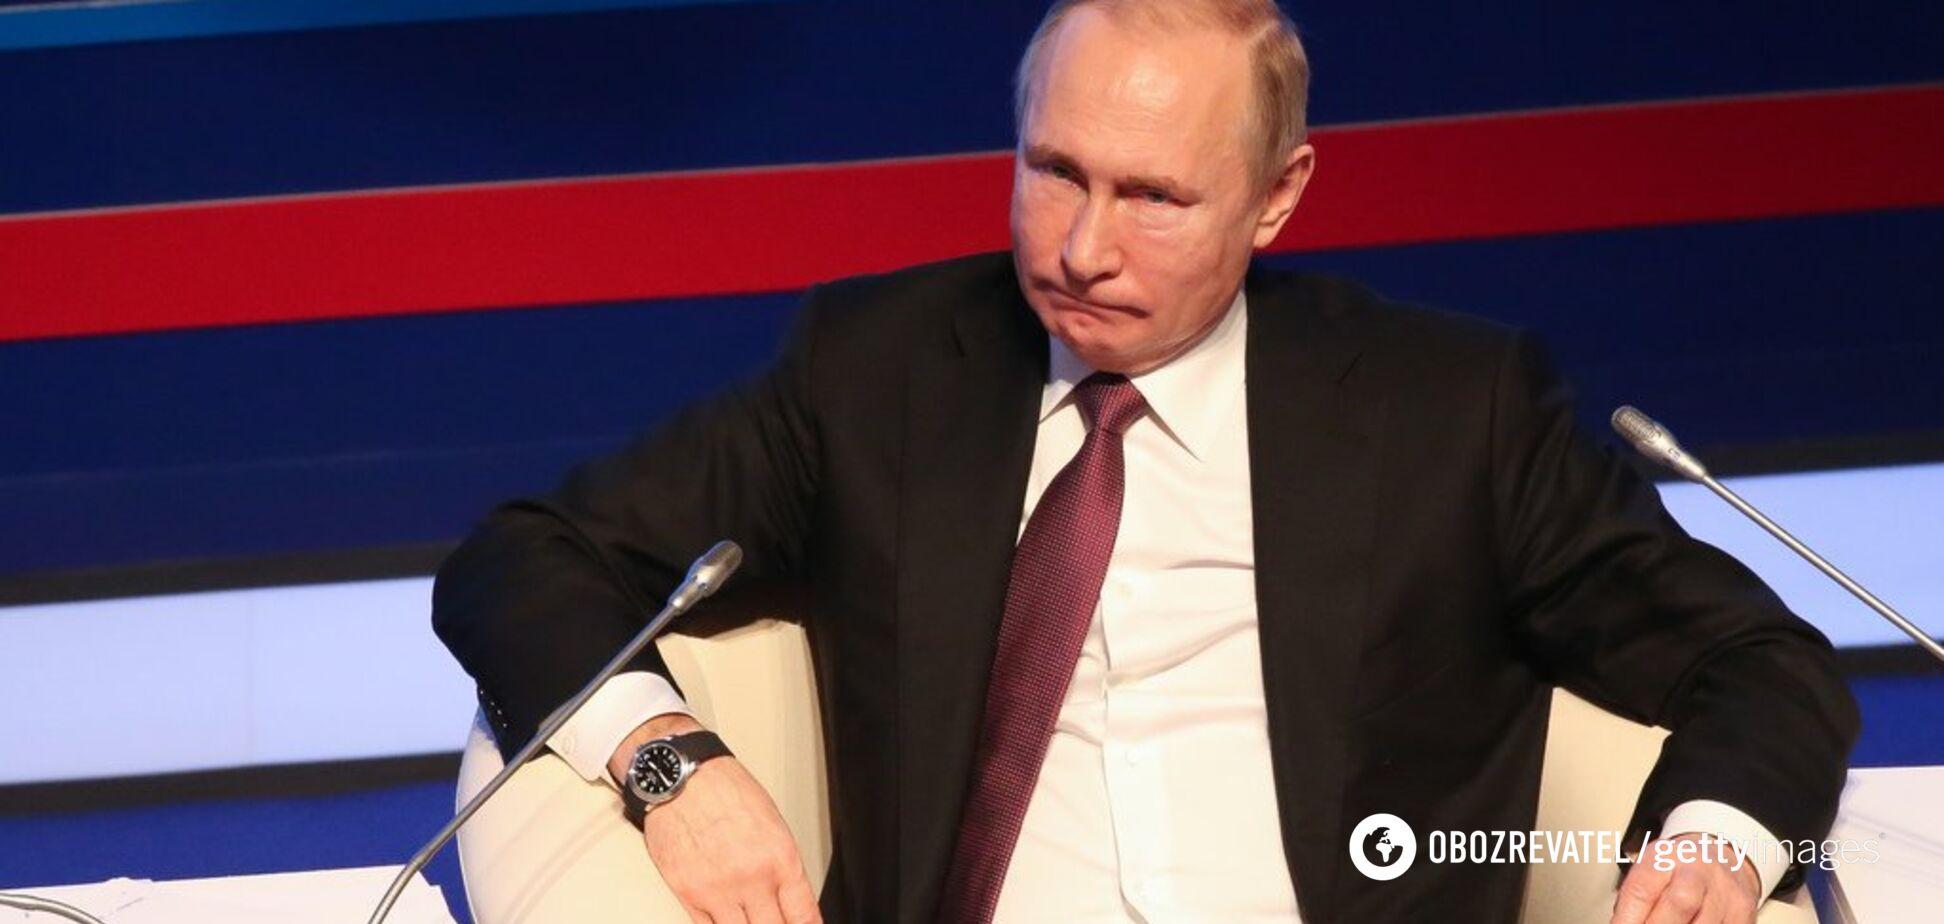 ''Не відволікайся, чьо ти!'' Путін втрапив в образливий курйоз на публіці